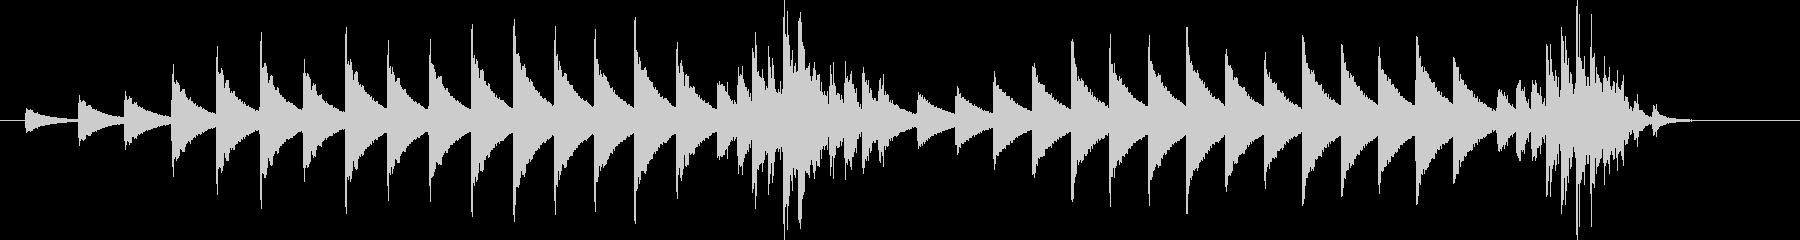 大太鼓33雪音歌舞伎情景描写和風和太鼓雪の未再生の波形